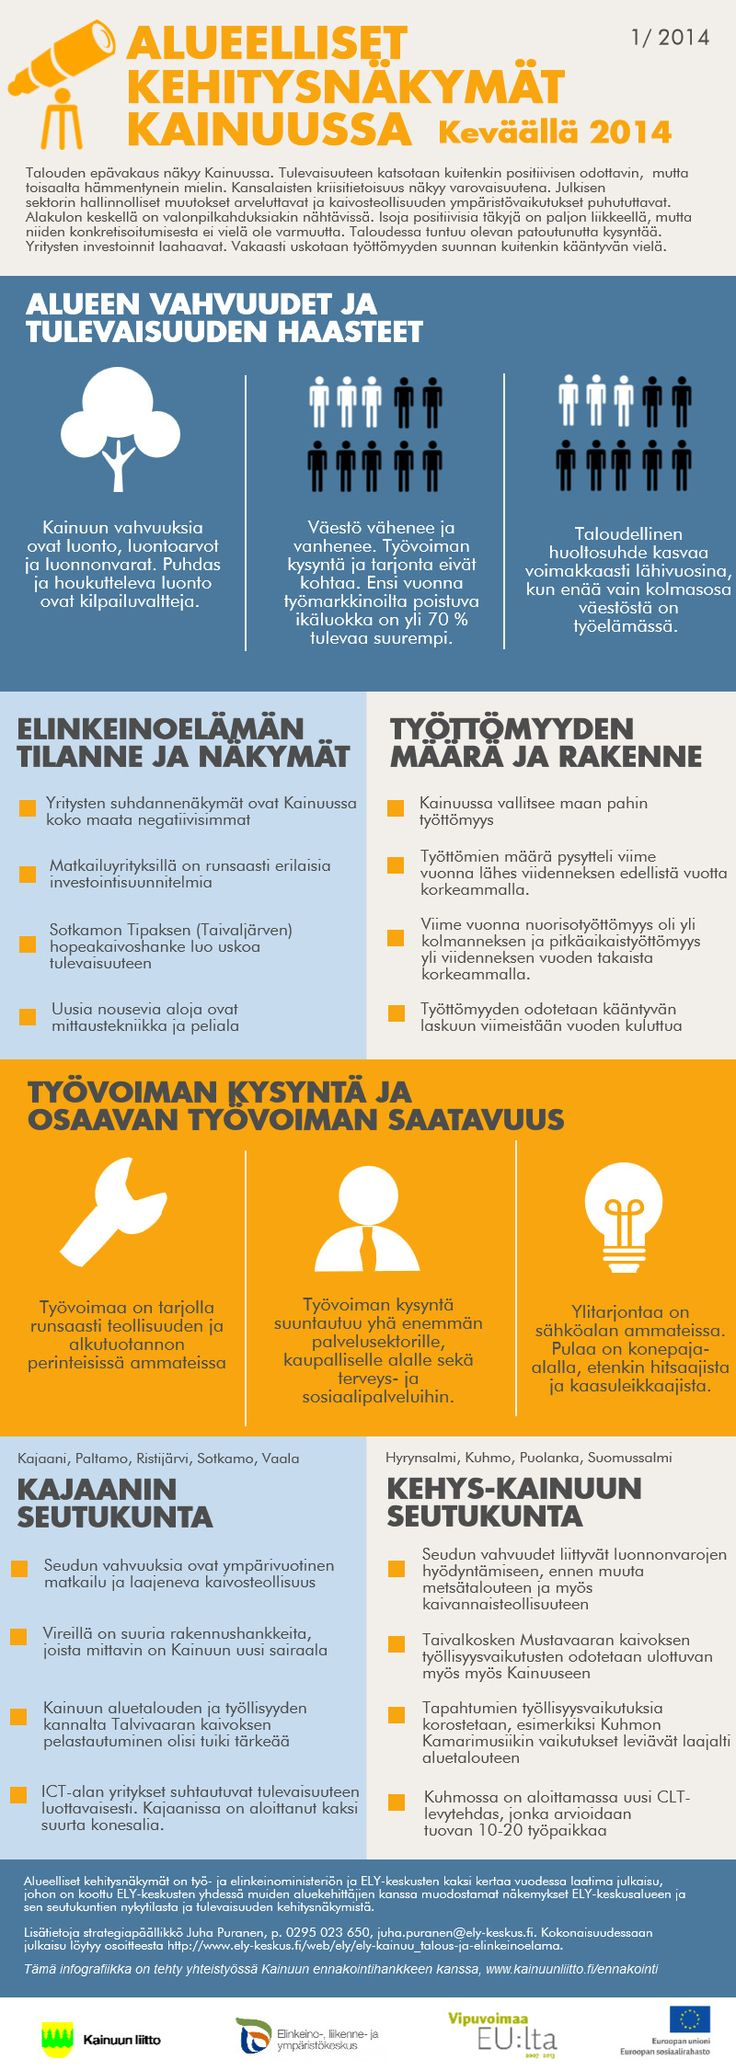 Alueelliset kehitysnäkymät Kainuussa keväällä 2014 | @Piktochart Infographic